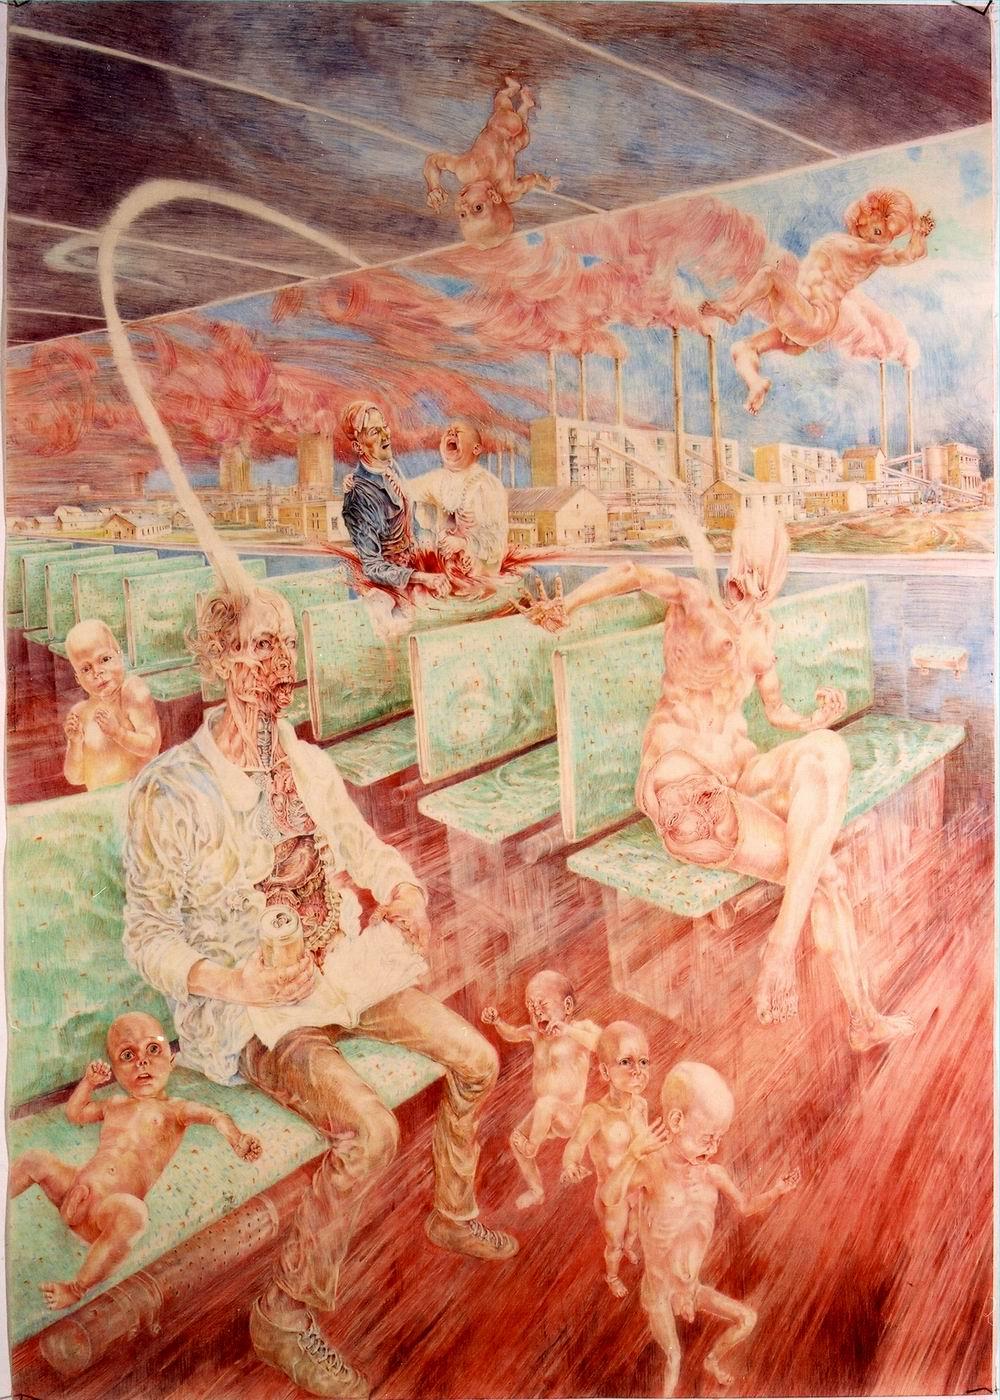 Painting - S-Bahn-Szene, 2002